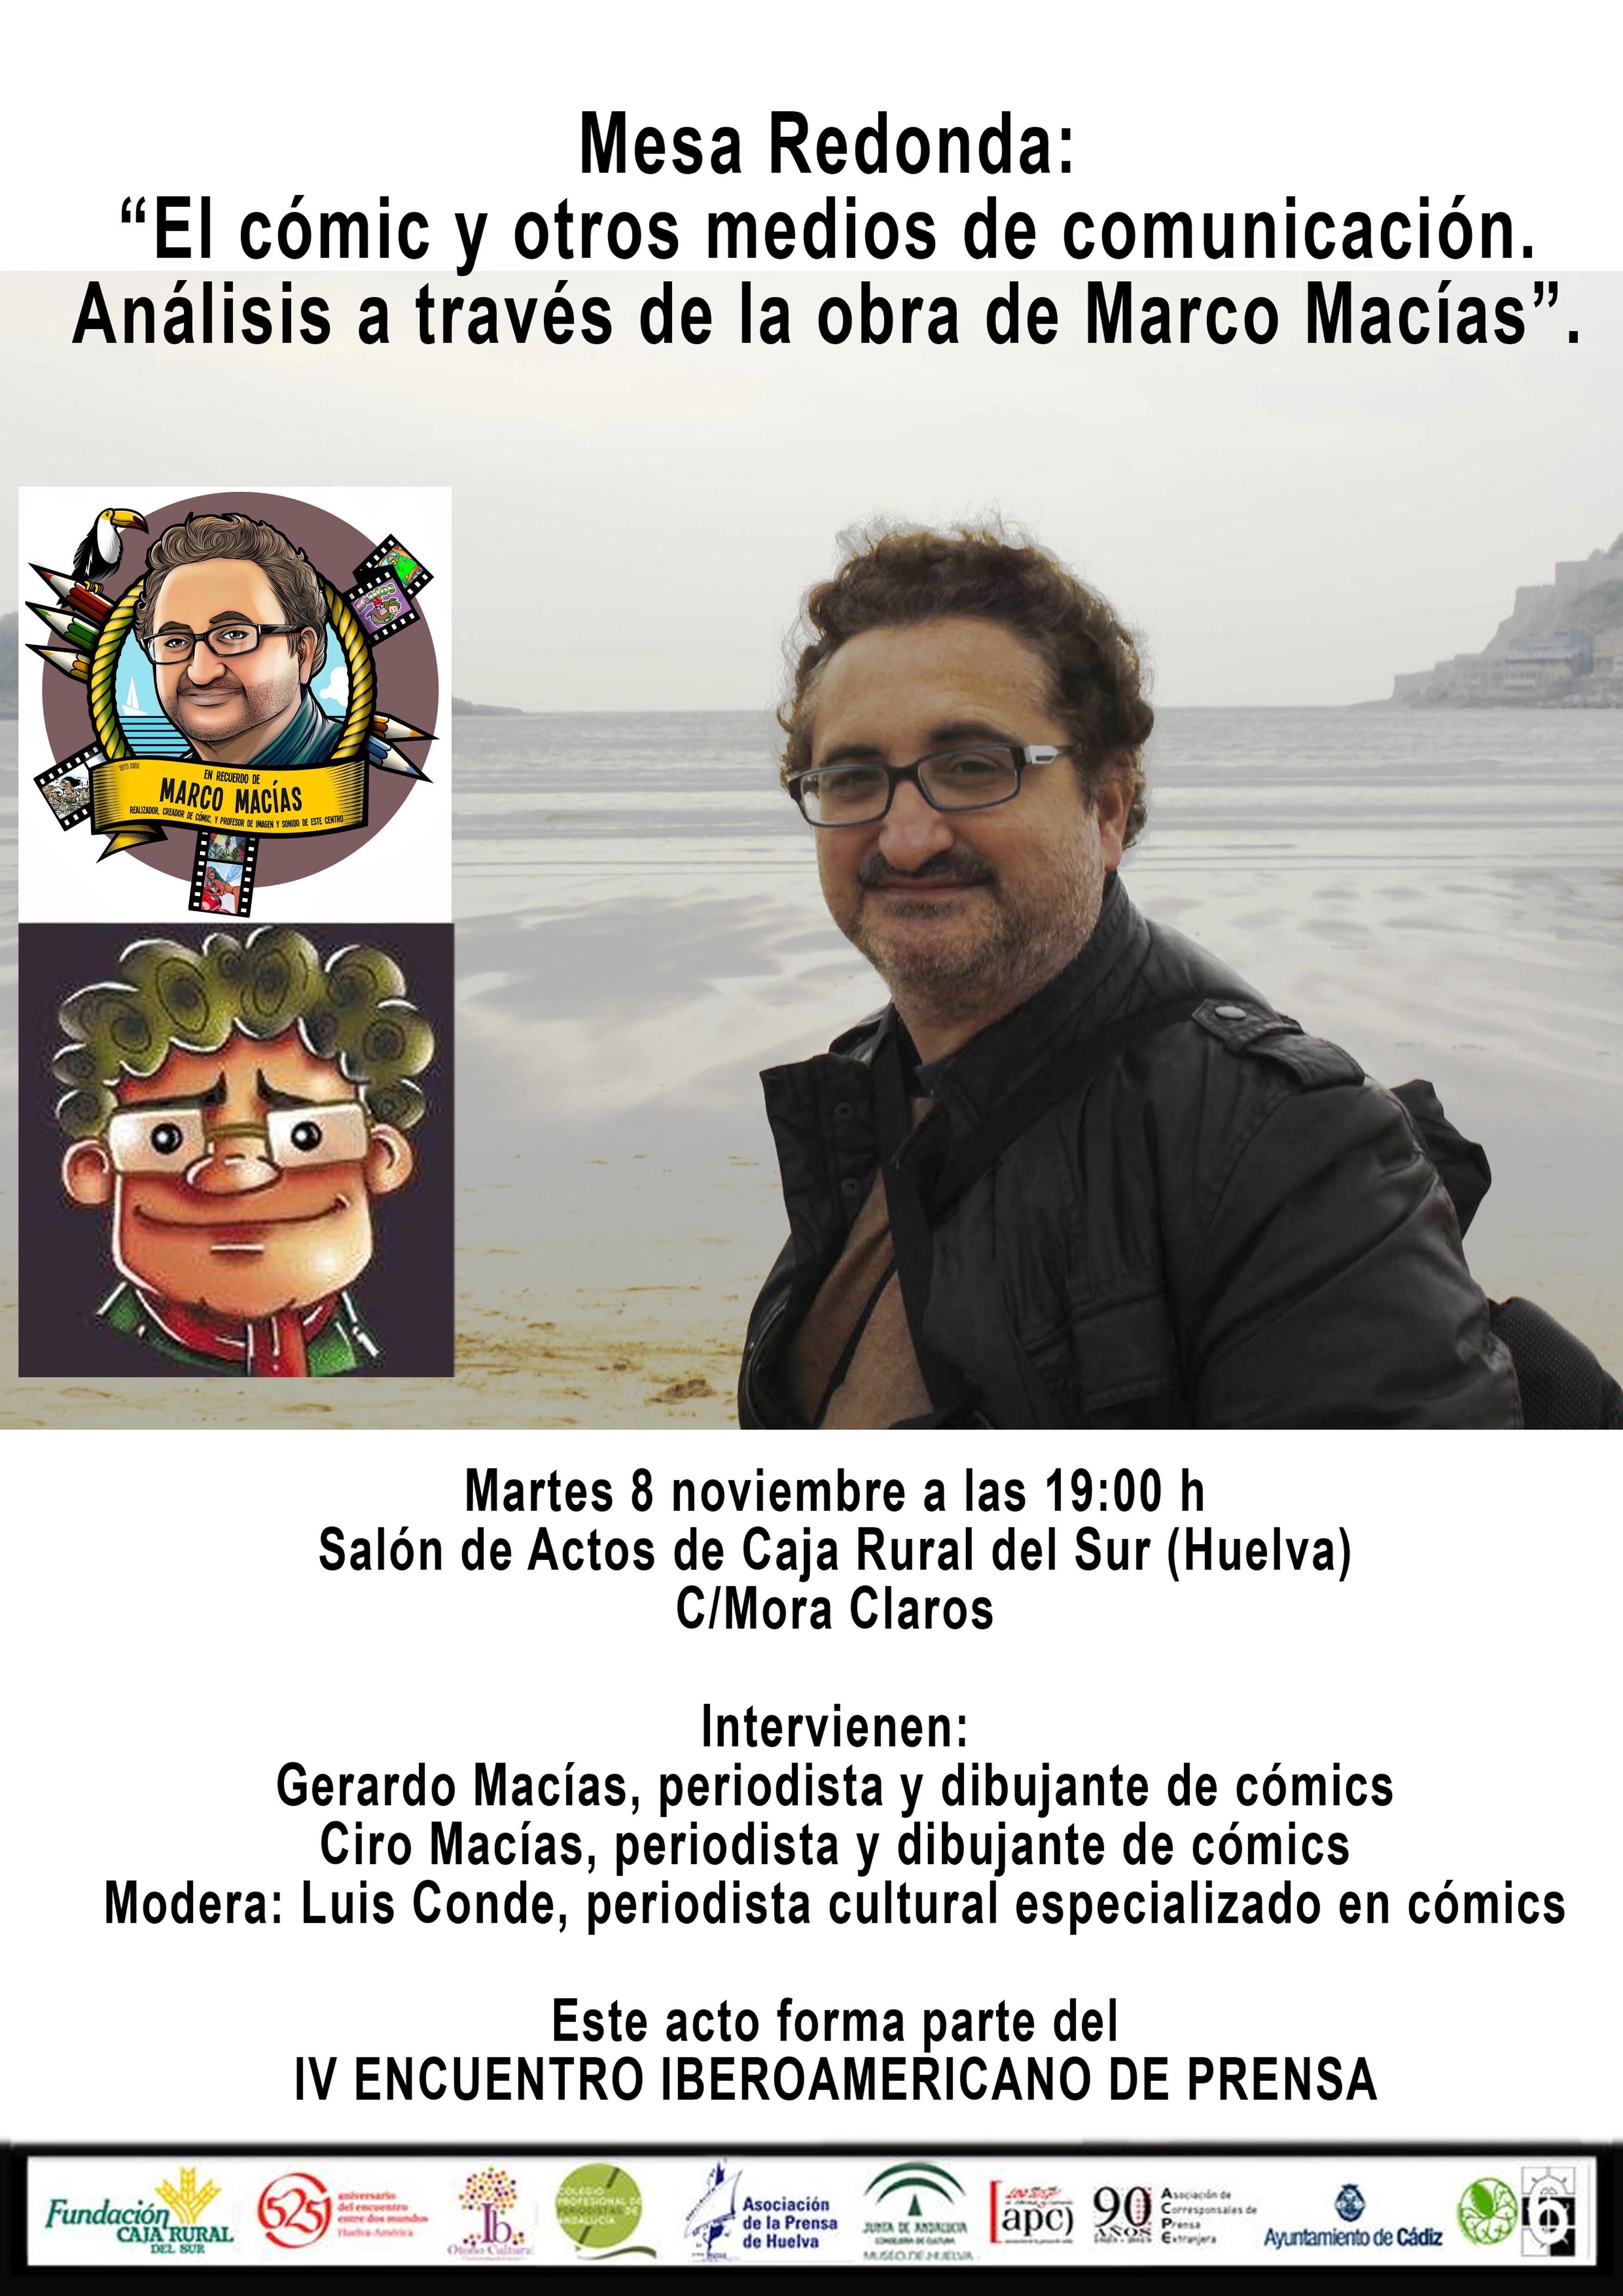 El 8 de noviembre en Caja Rural del Sur (Huelva), mesa redonda en ...